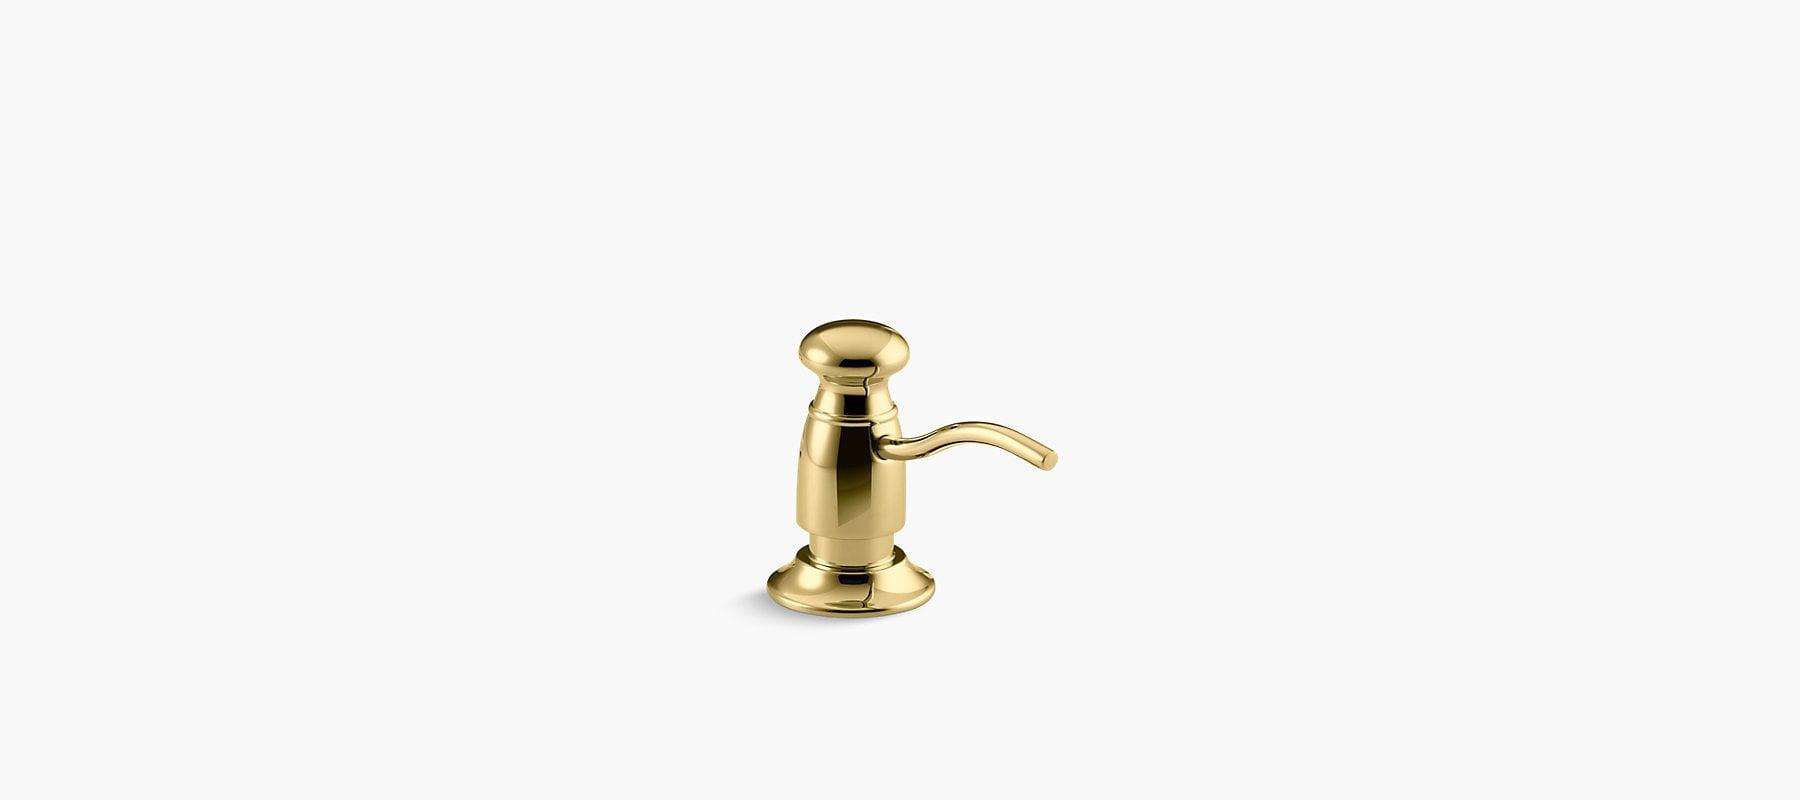 Kohler - Traditional Design Soap / Lotion Dispenser 151008071